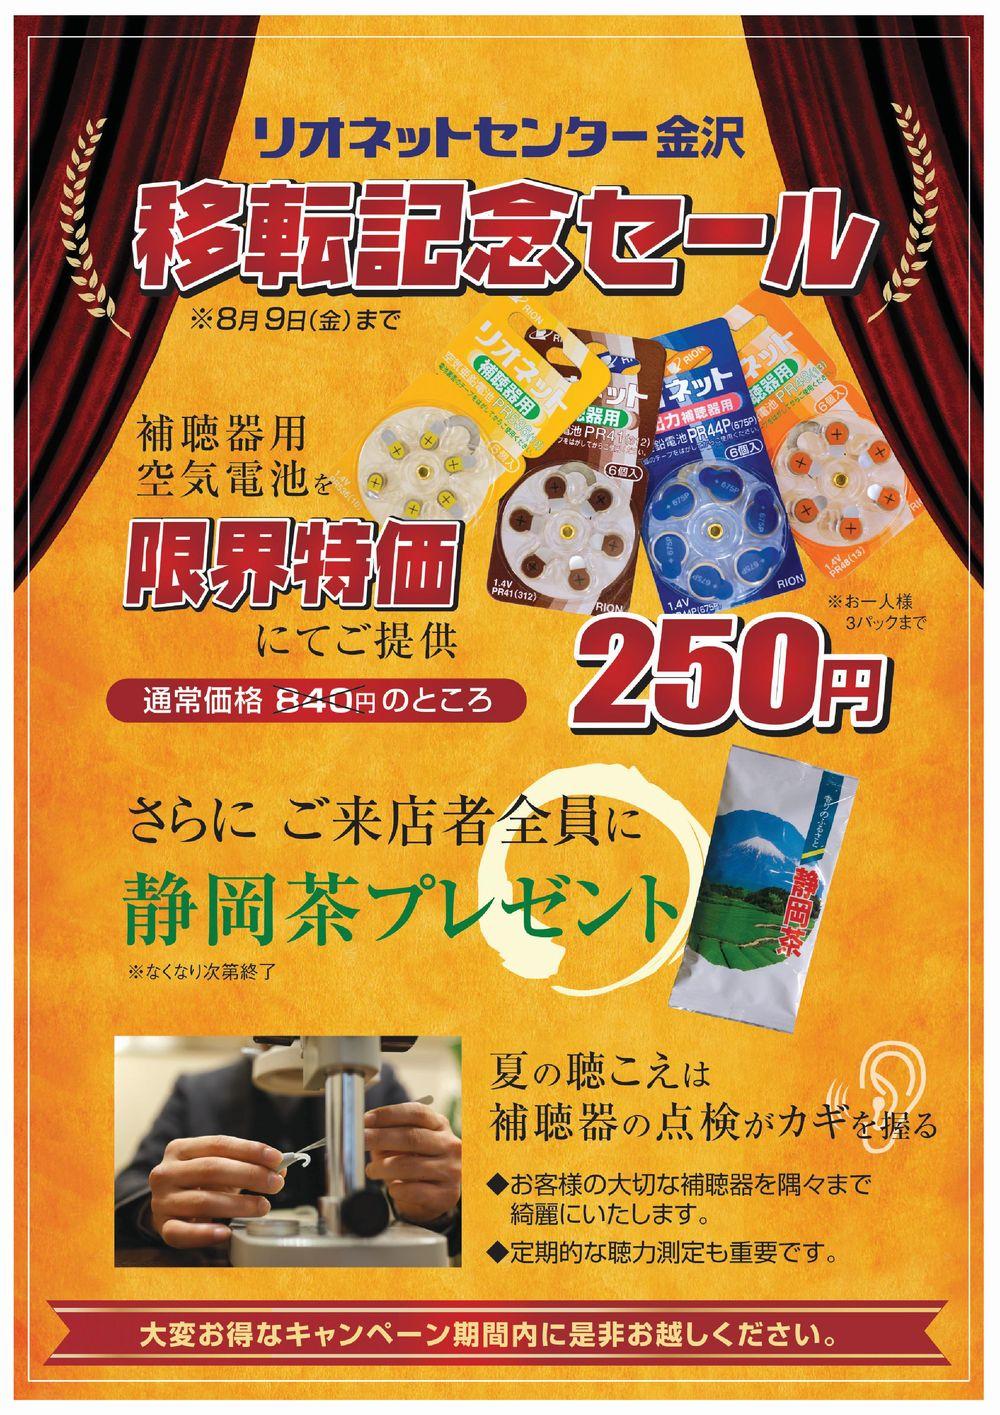 kanazawa_sale (2)